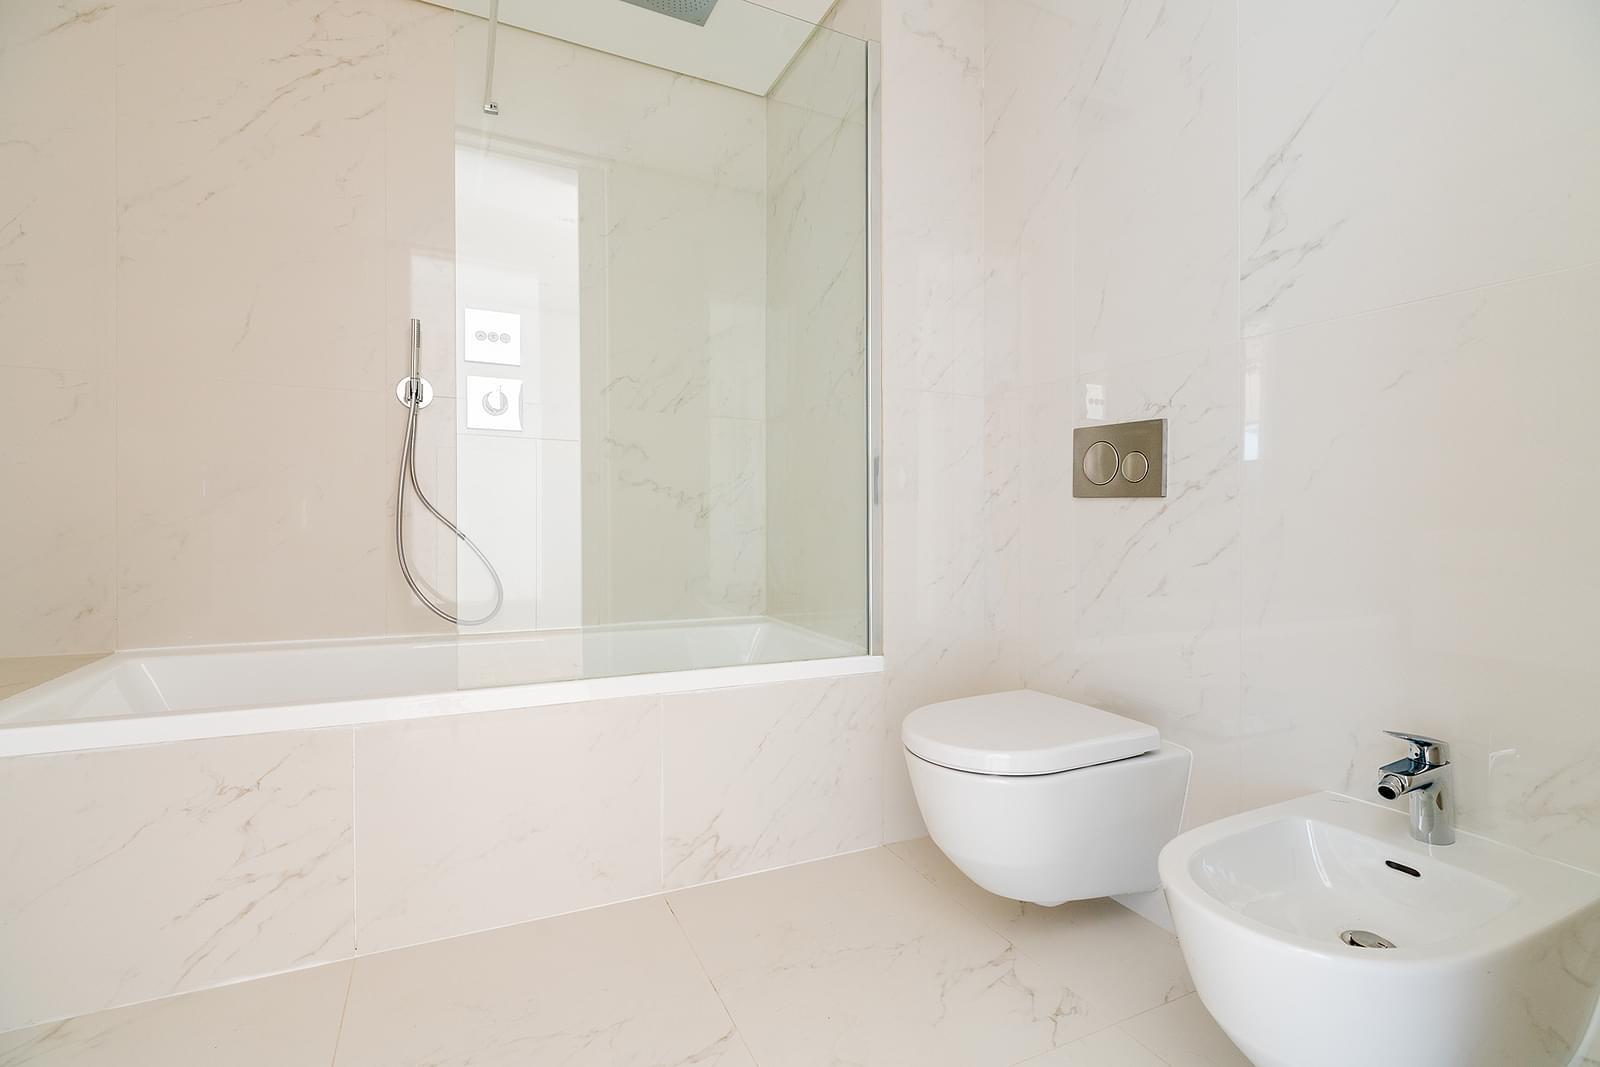 pf18713-apartamento-t3-lisboa-06ed034b-de43-4738-a00f-ff5a007886b1